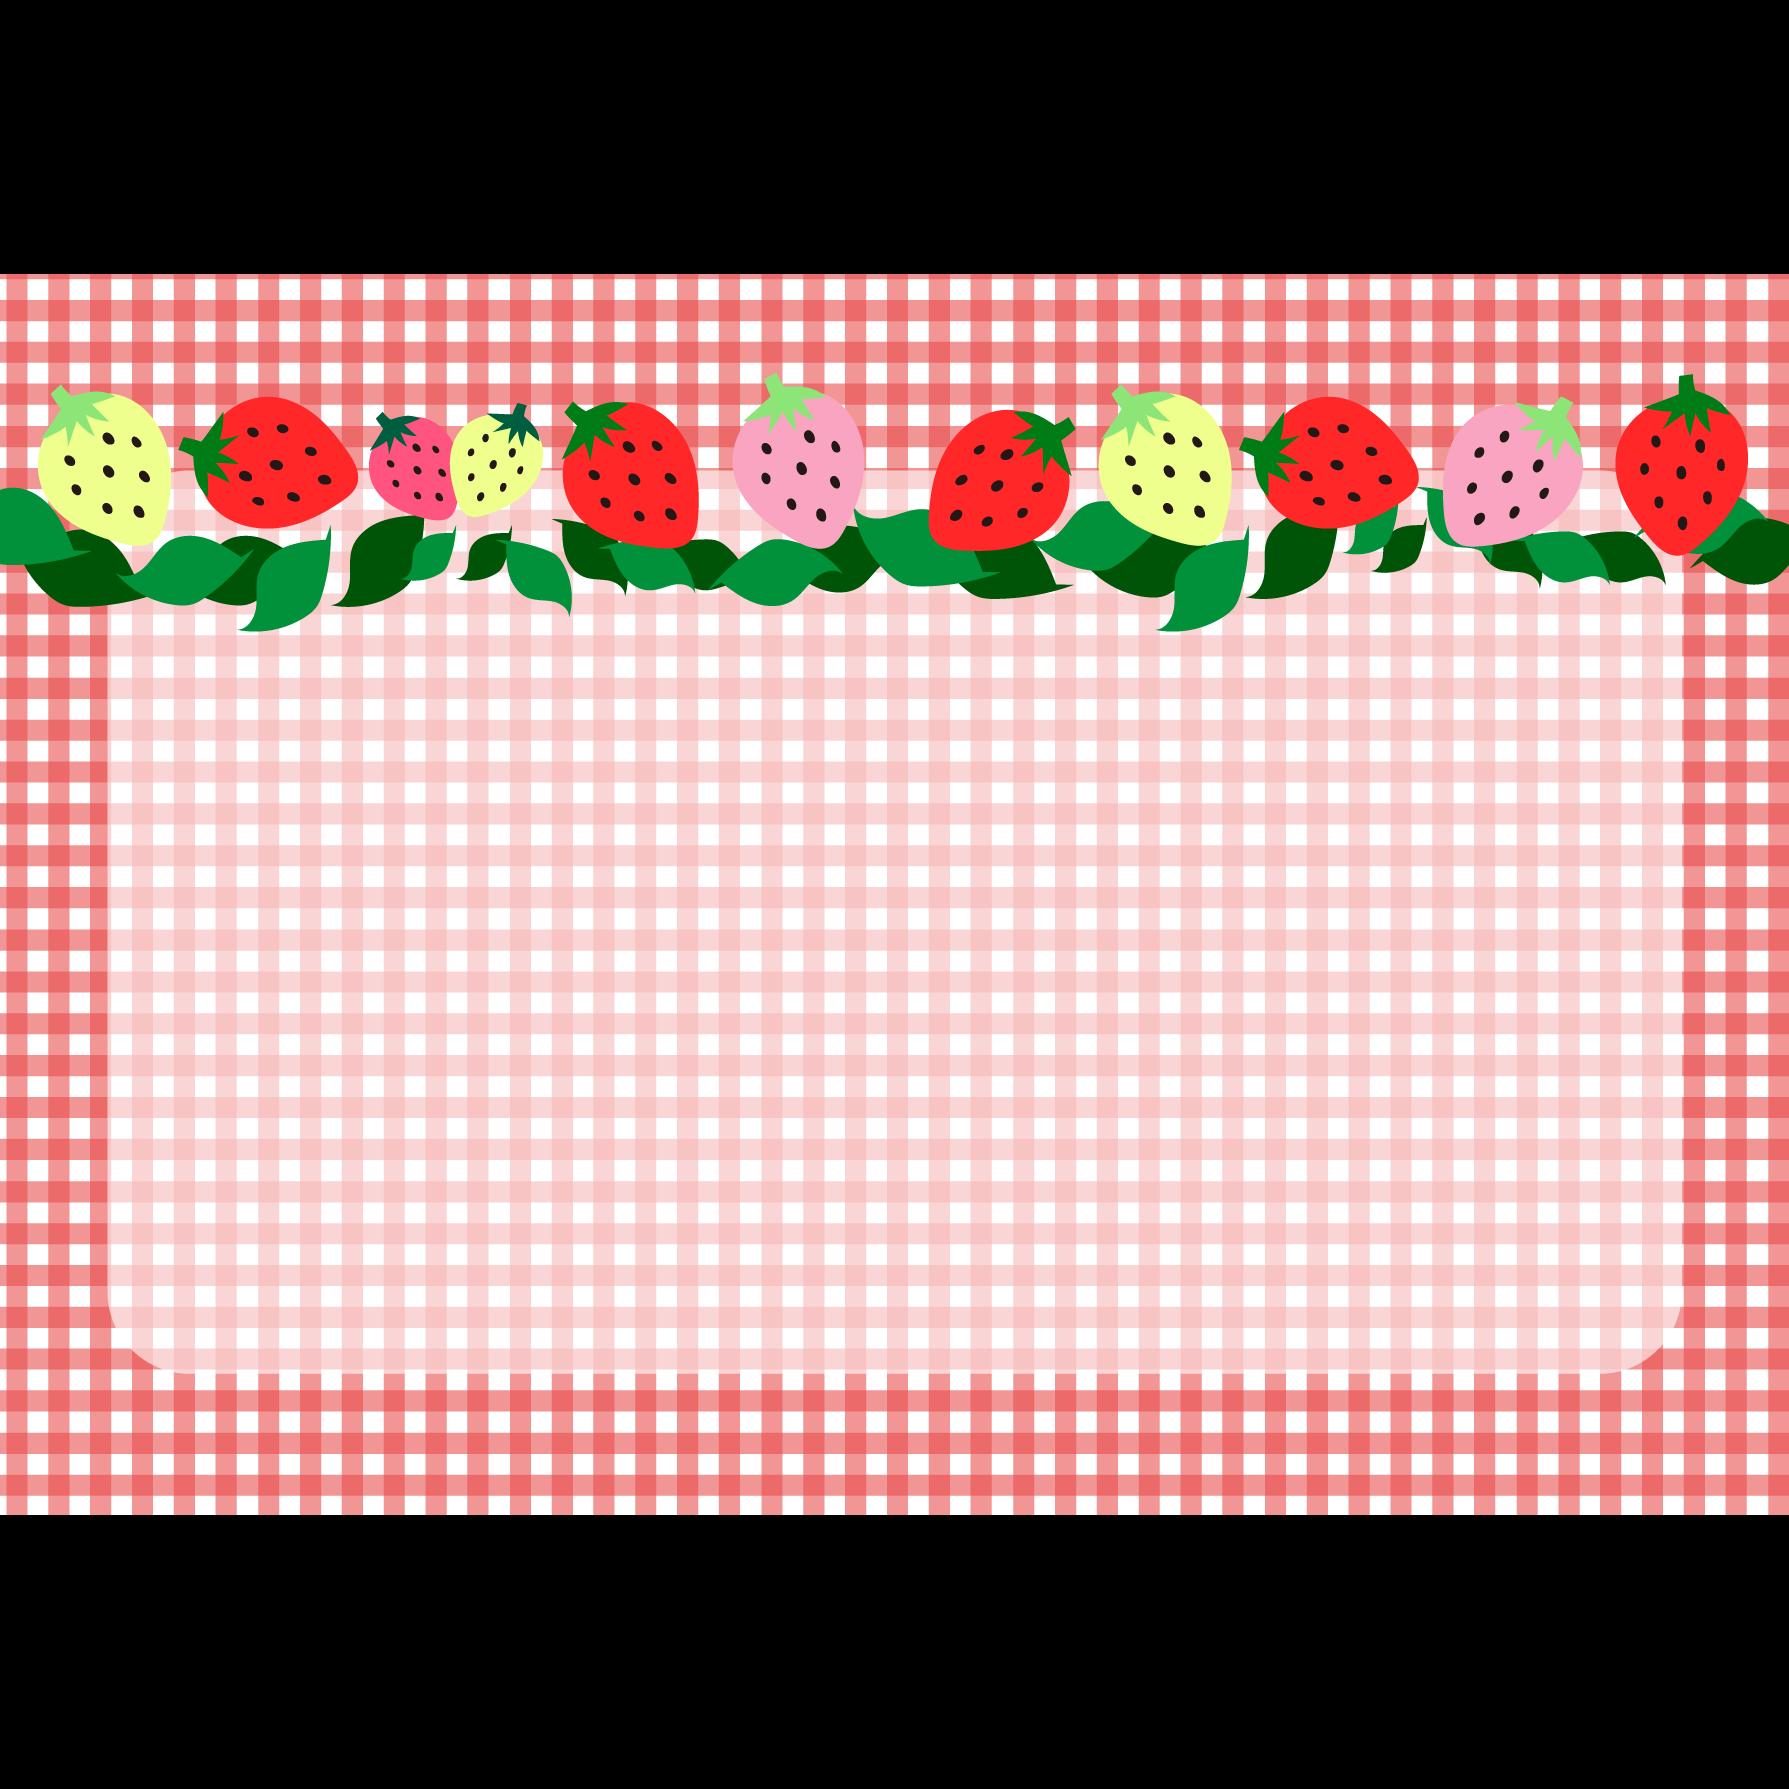 かわいい!いちご(苺)と チェック の背景 フリー (a4)イラスト | 商用